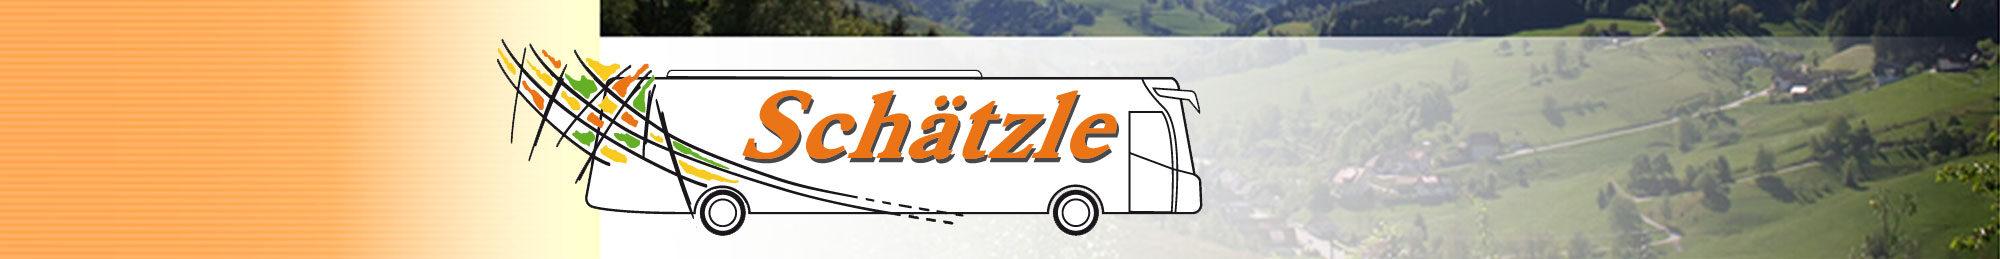 Schätzle Bus